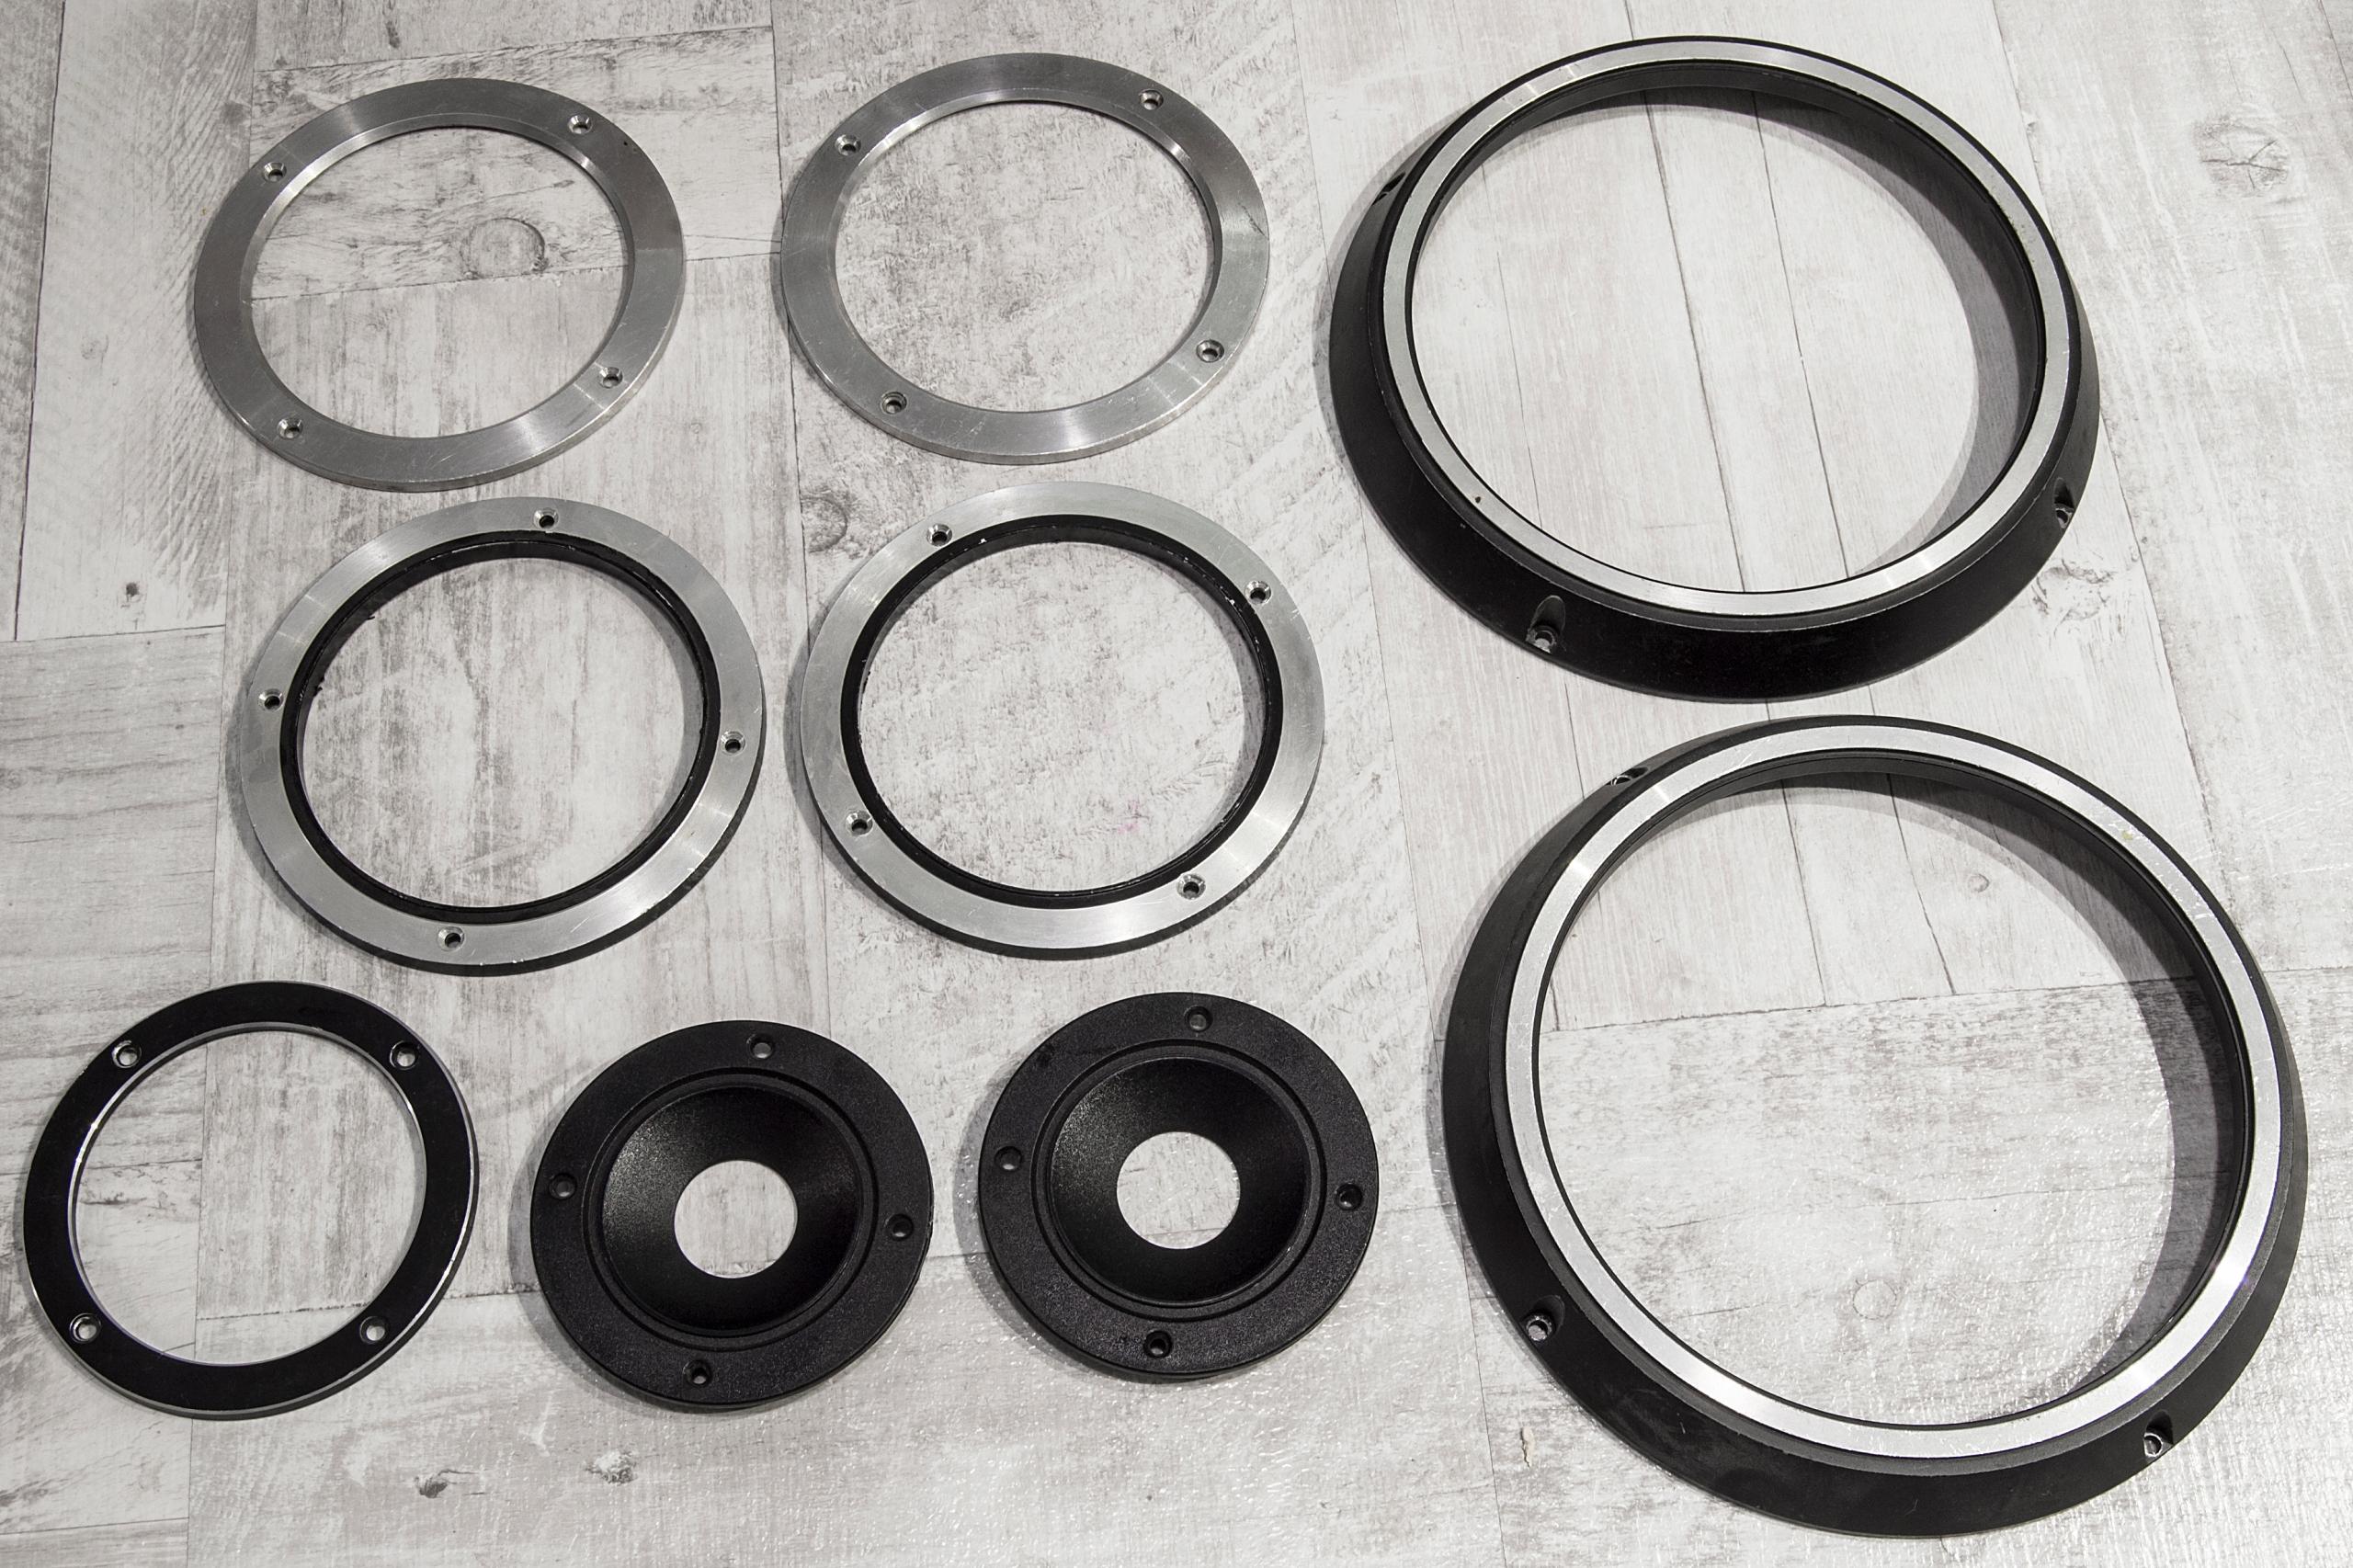 TONSIL Ramki pierścienie aluminiowe 7sztuk + tuby